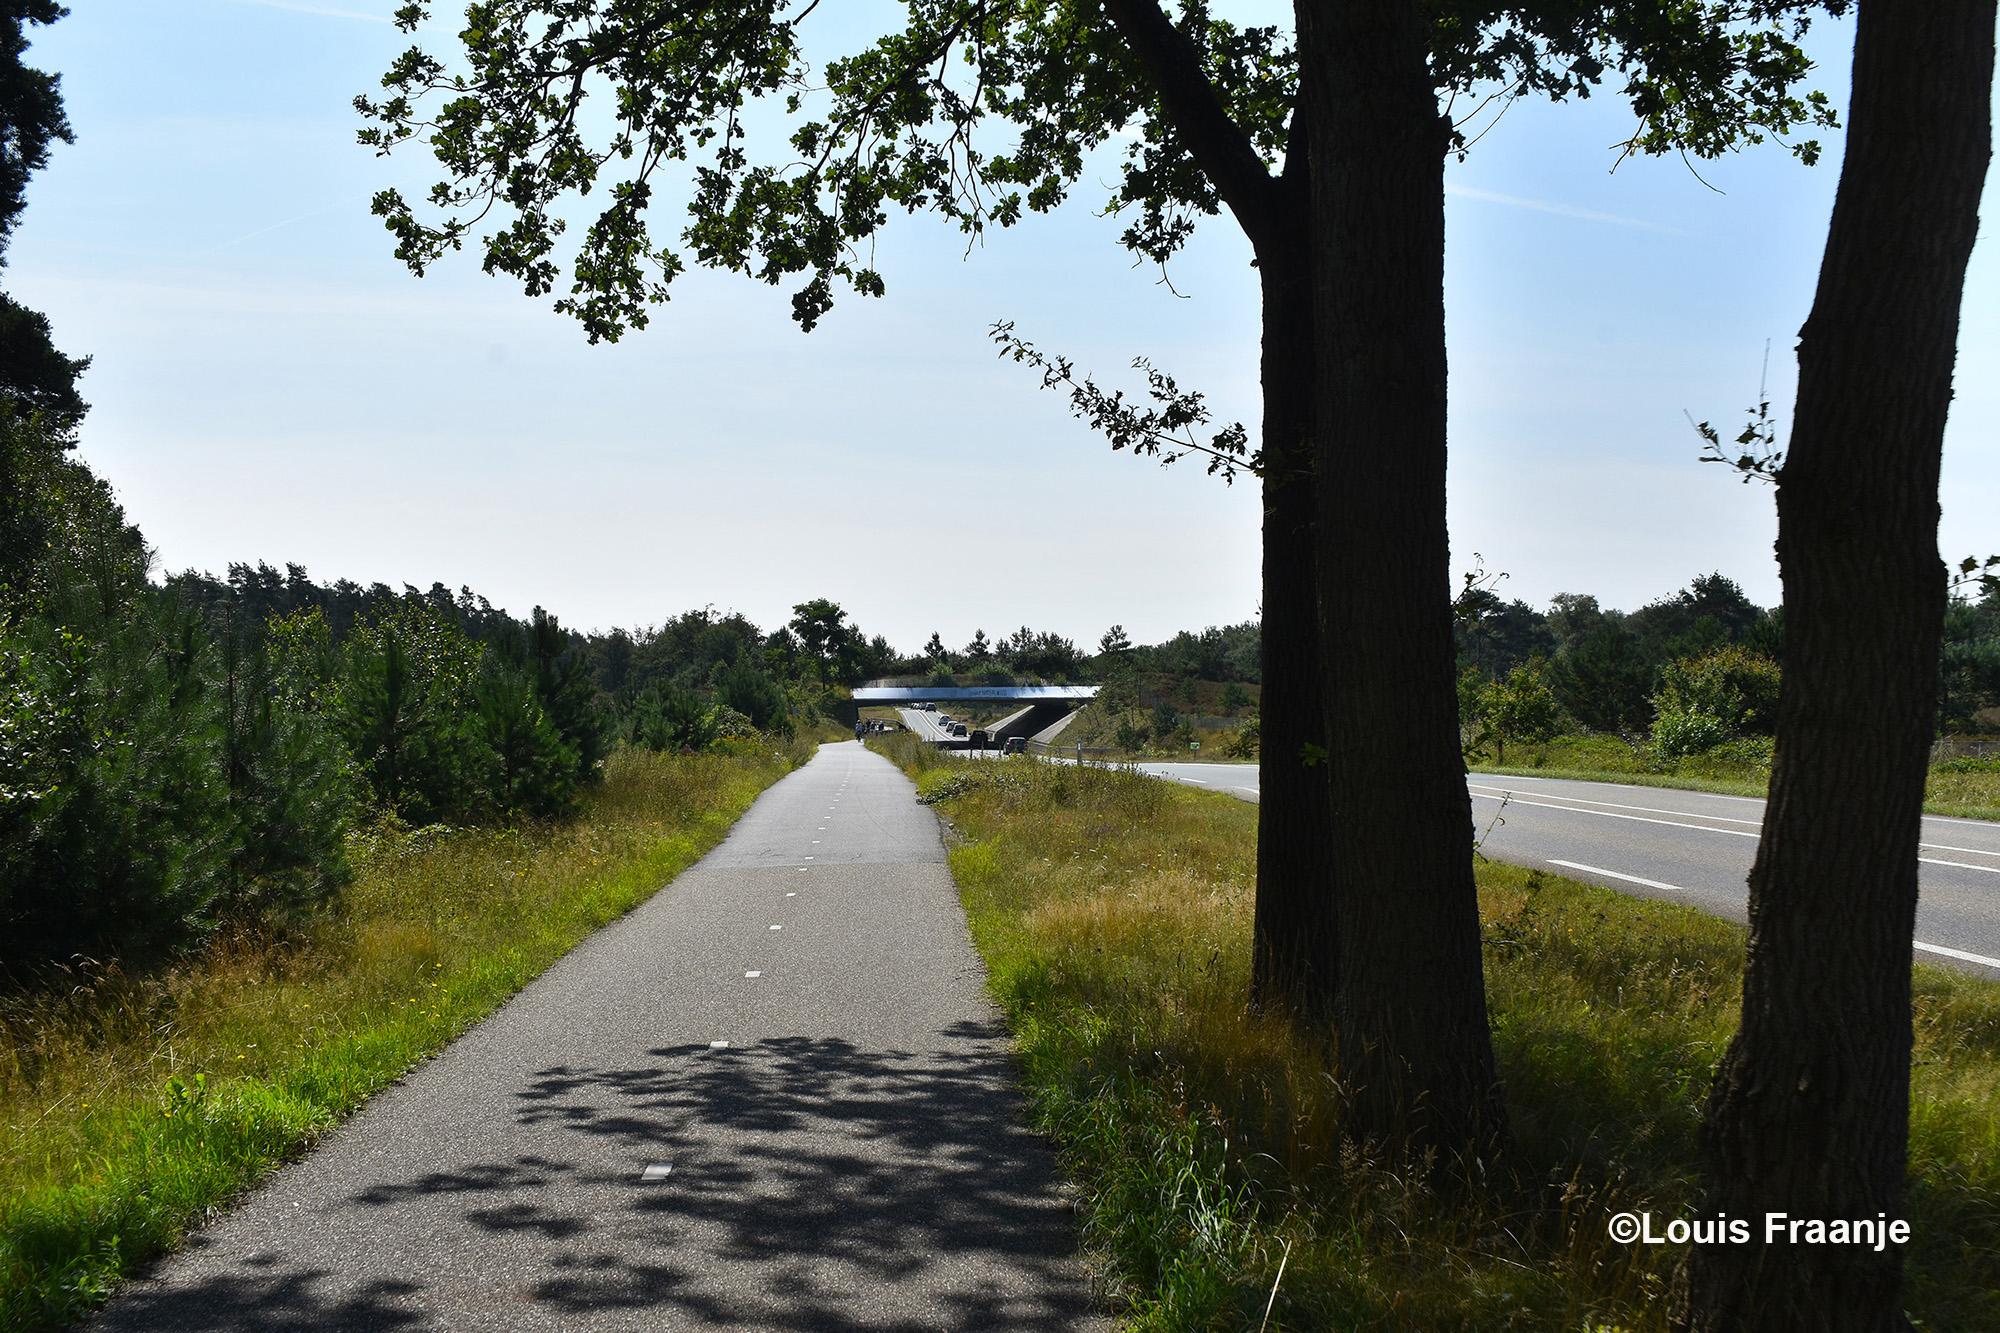 Hier rijden we over de Leusderheide langs de provinciale weg (N227) tussen Amersfoort en Doorn. In de verte zien we het ecoduct De Treeker Wissel liggen - Foto: ©Louis Fraanje